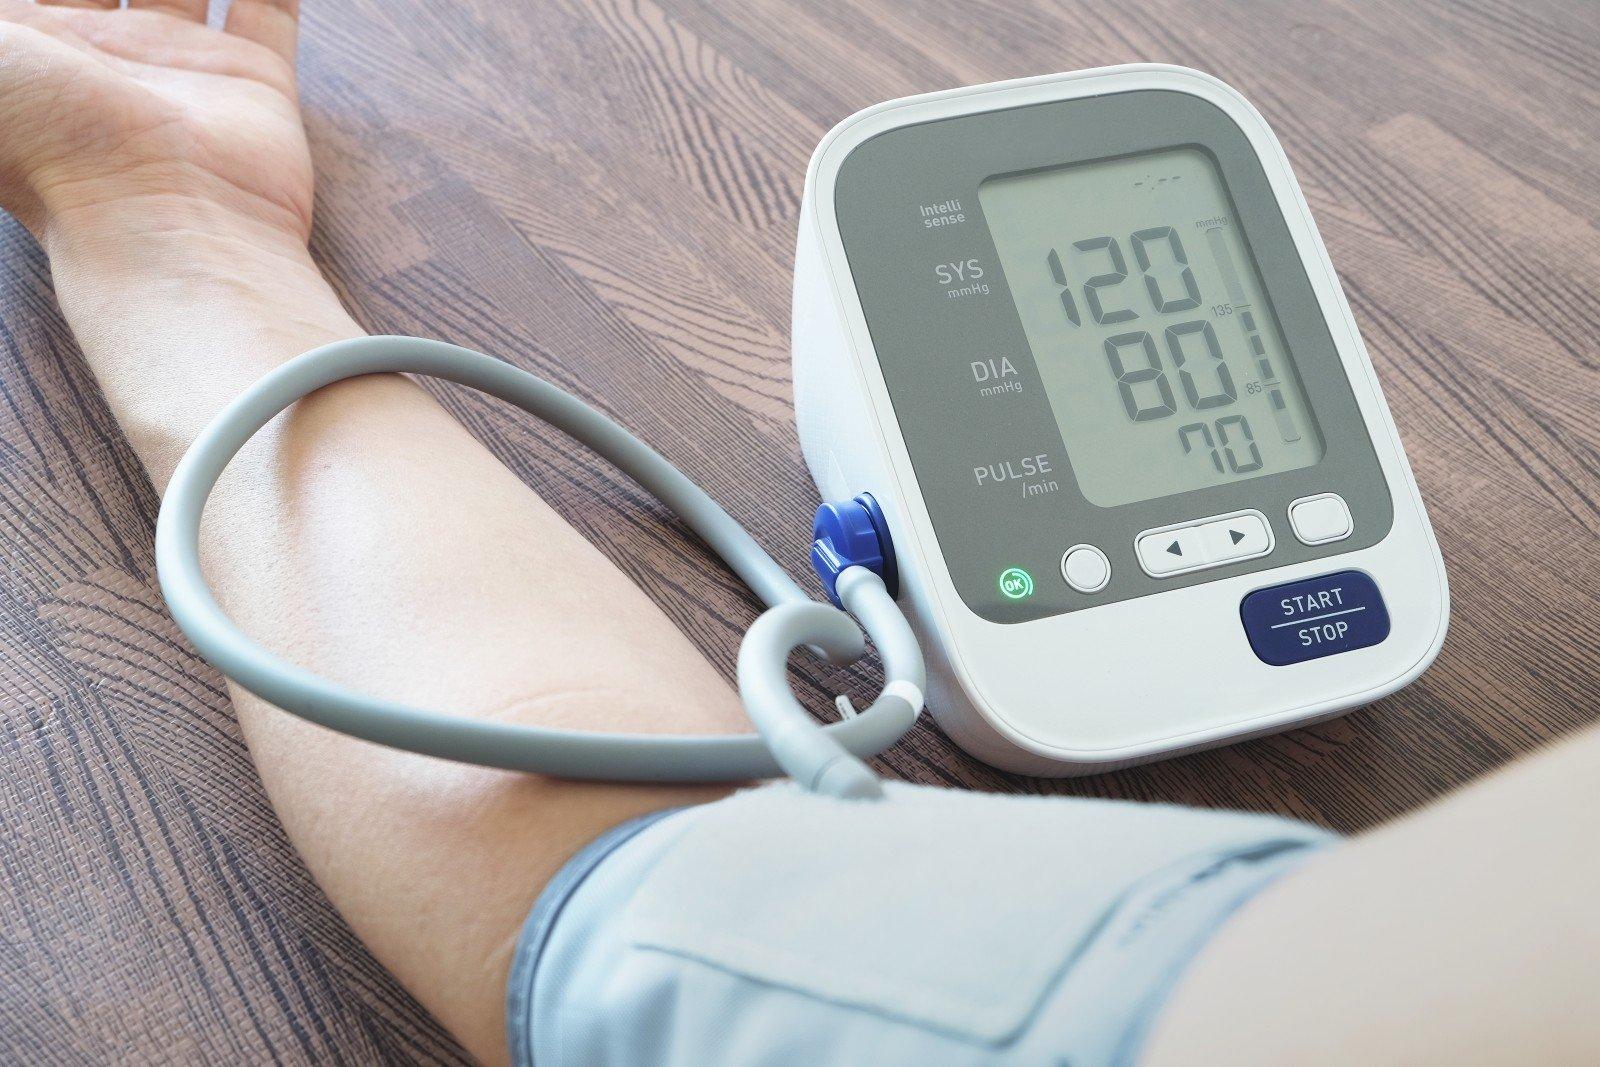 Ar aukštą kraujospūdį reikia gydyti tik vaistais? | eagles.lt